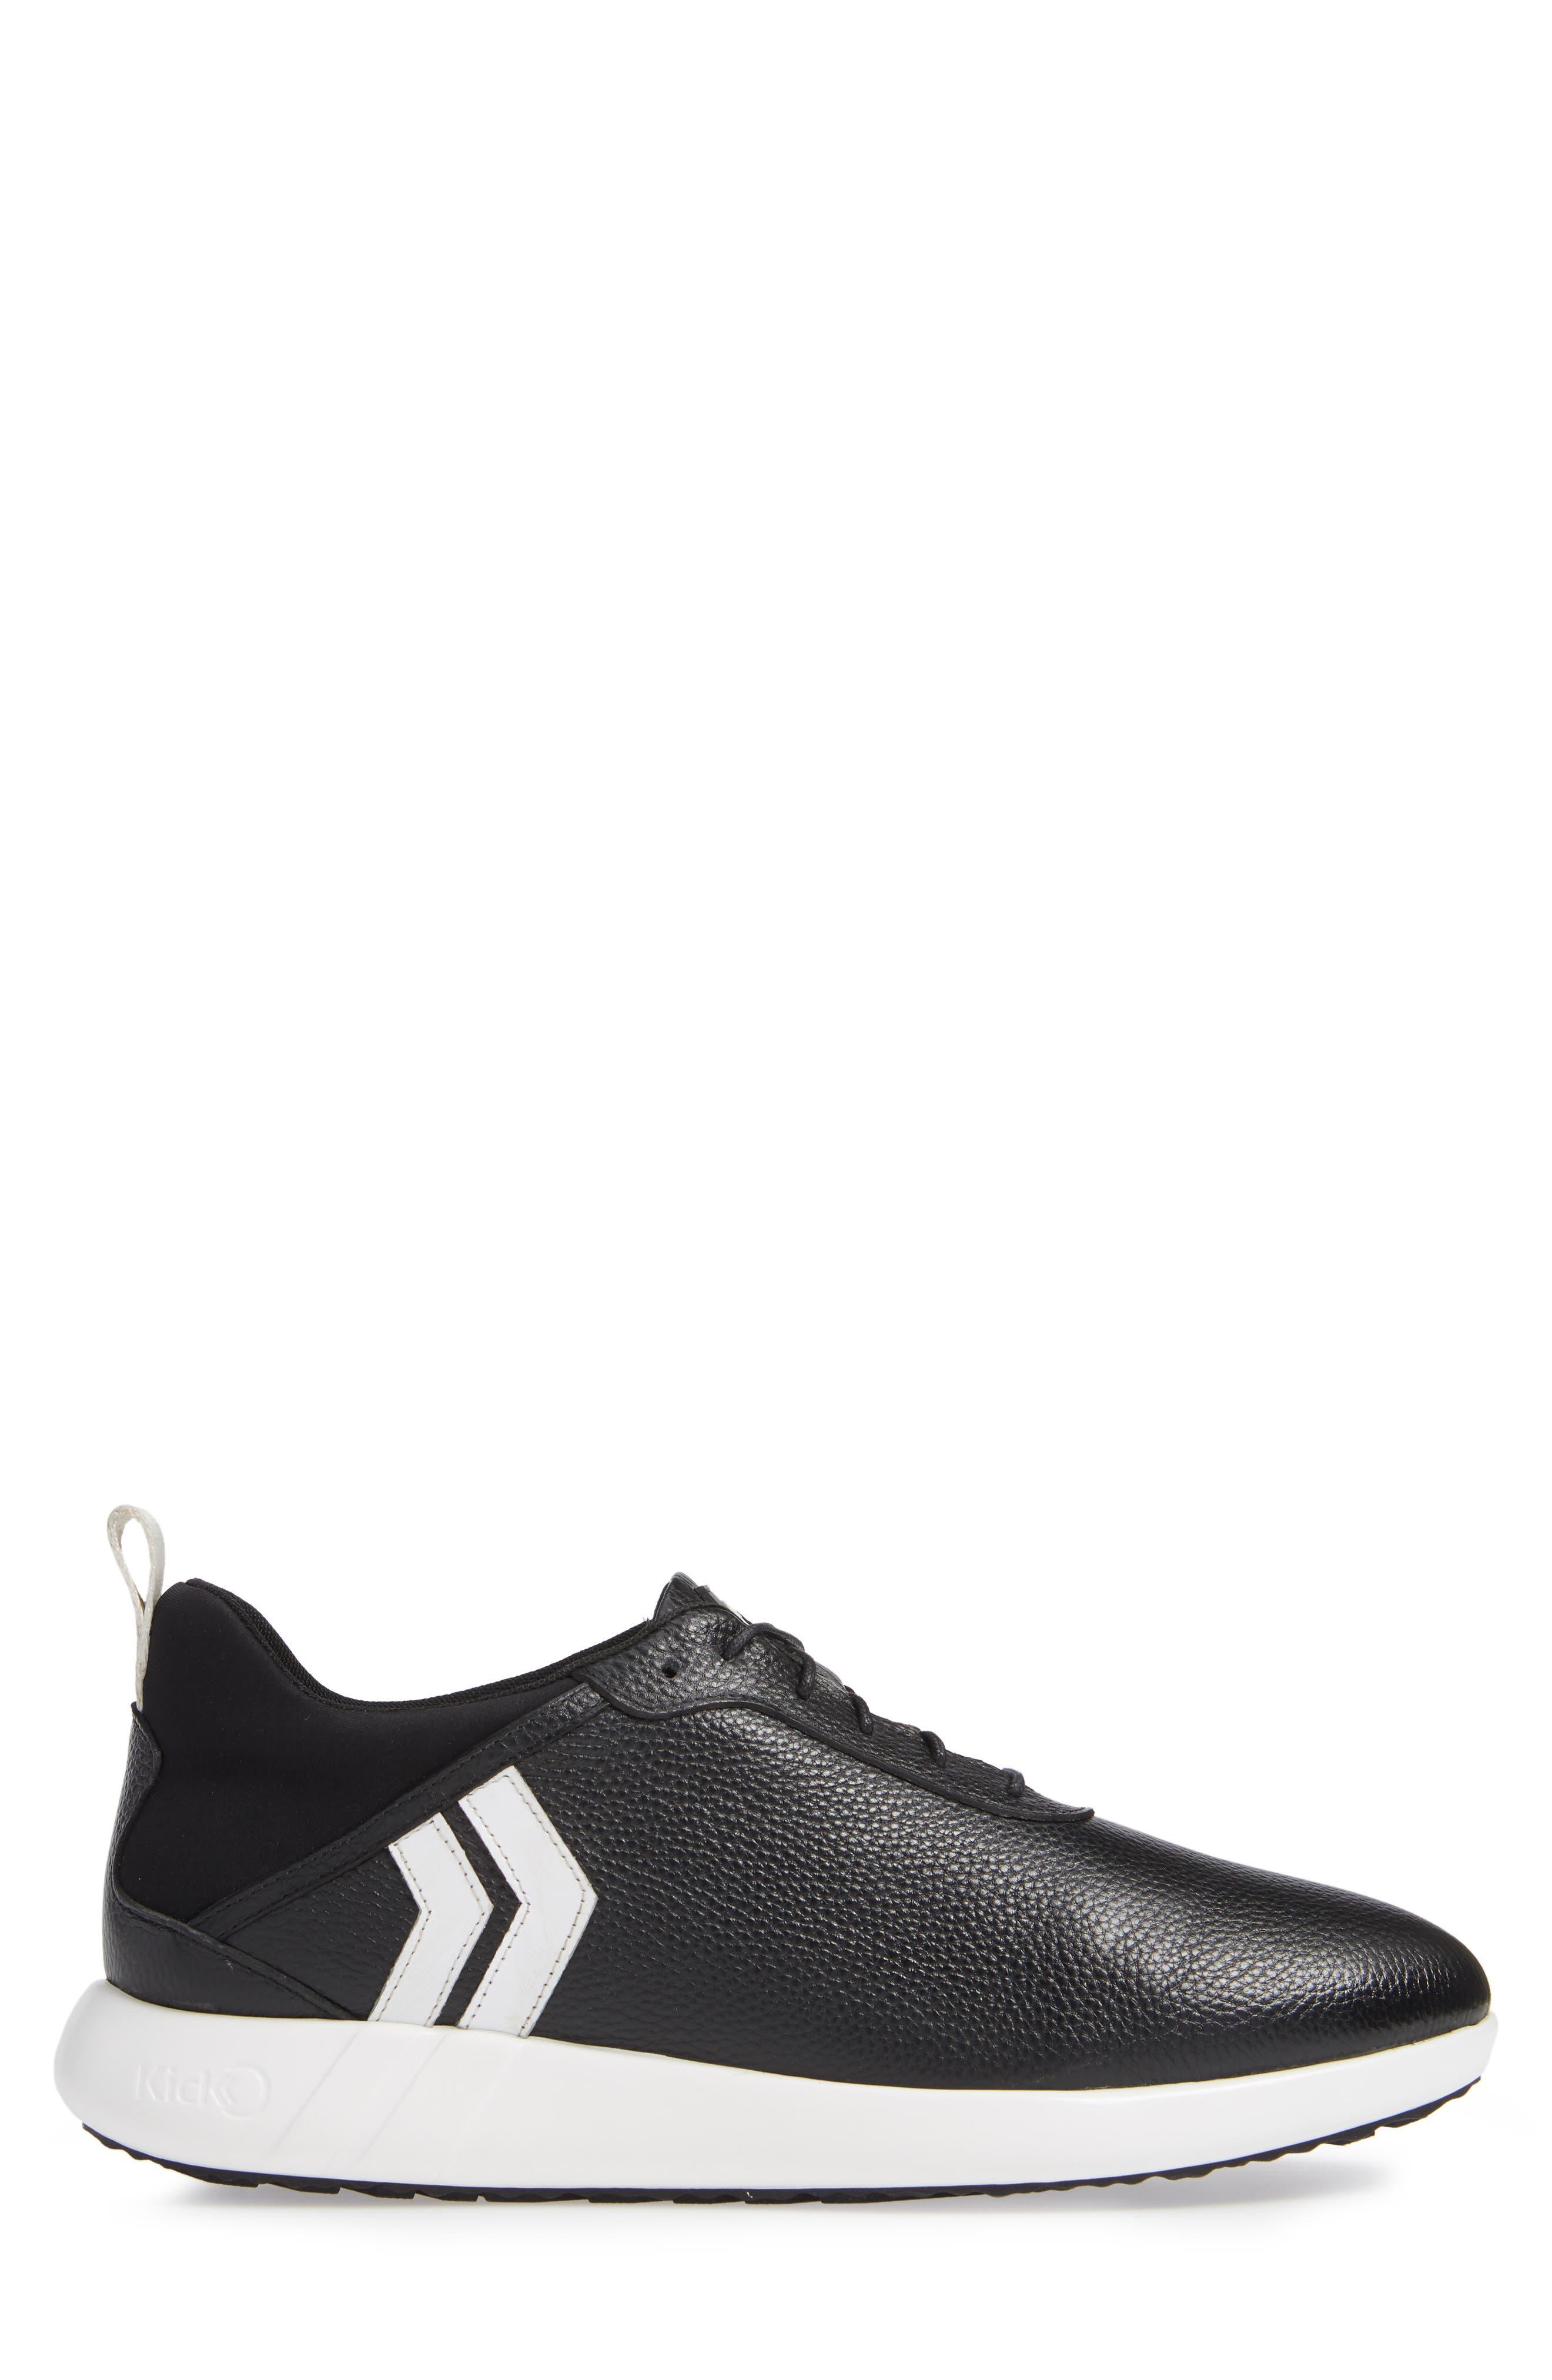 Flyer Sneaker,                             Alternate thumbnail 3, color,                             001